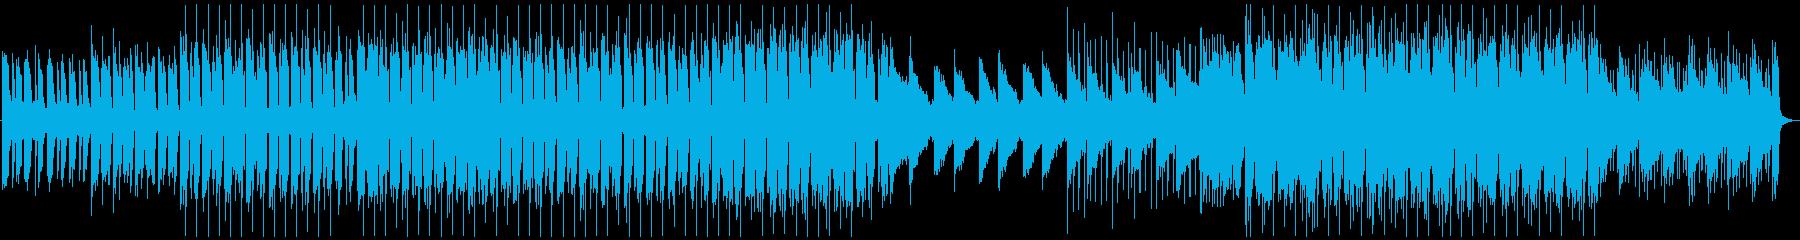 プログレッシブハウス・EDM 02の再生済みの波形